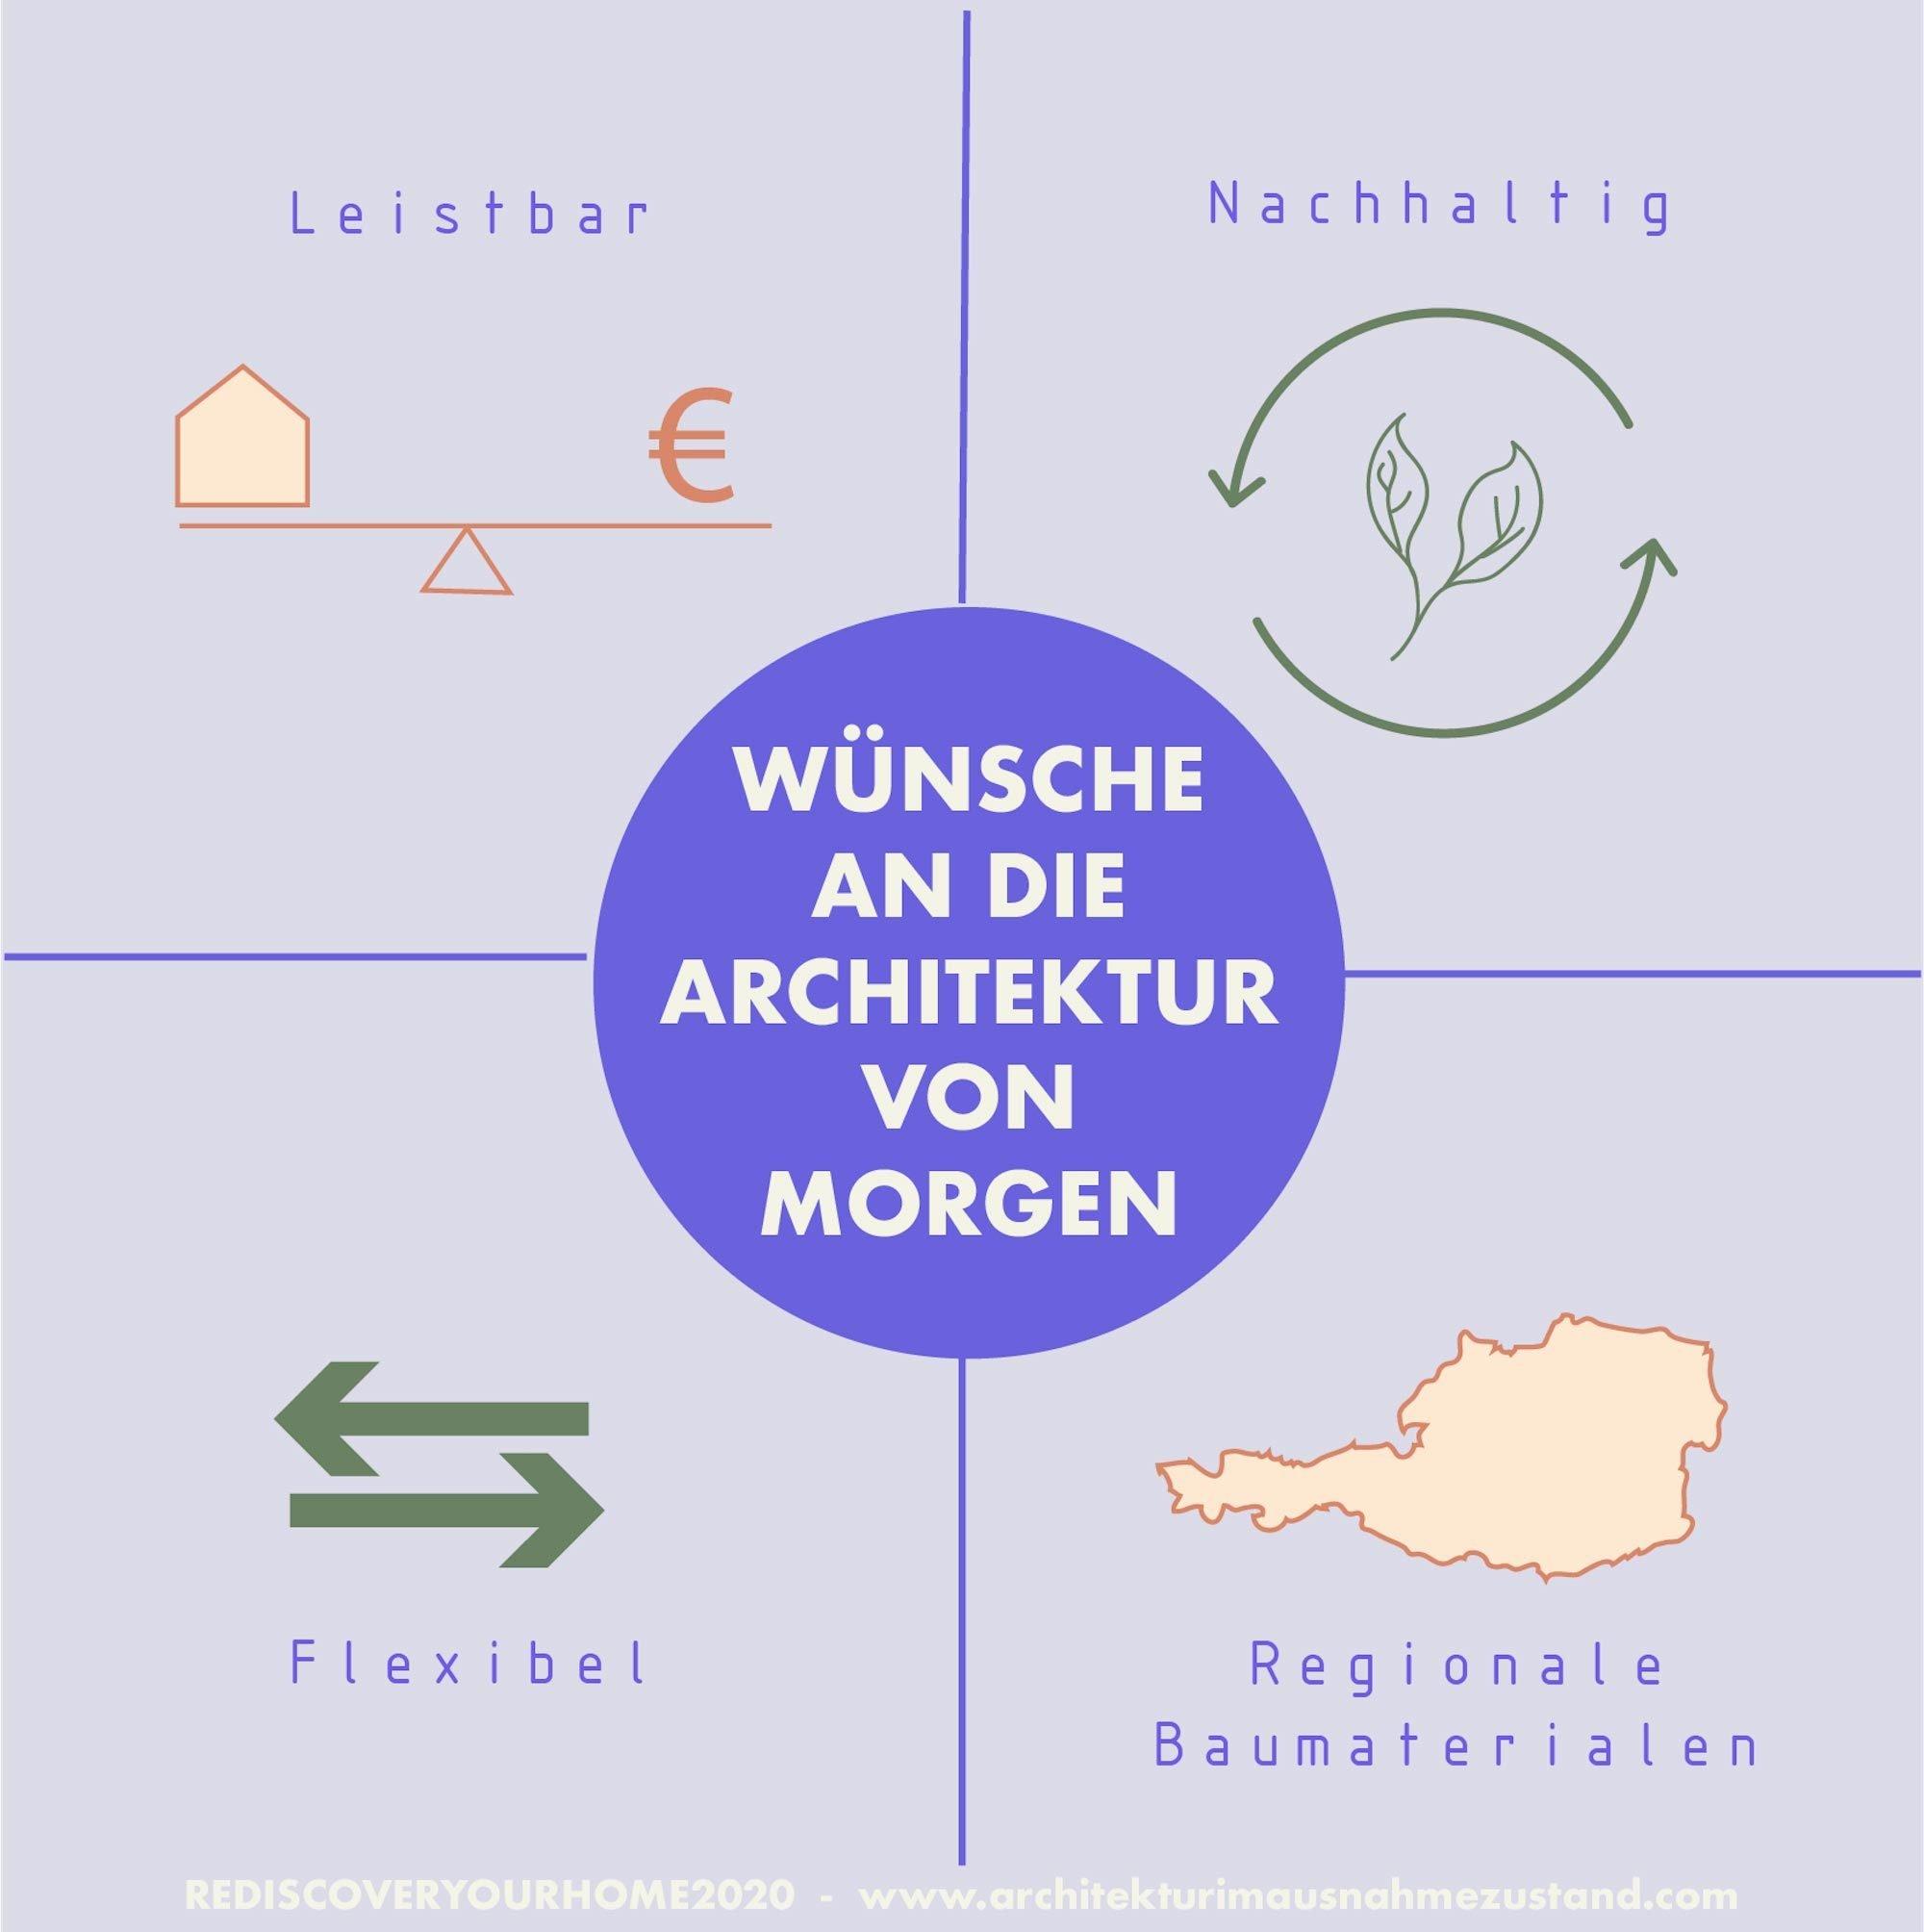 Wünsche an die Architektur von Morgen. Ergebnis aus der Umfrage Rediscover your home 2020, durchgeführt April und Mai 2020, ©architekturimausnahmezustand